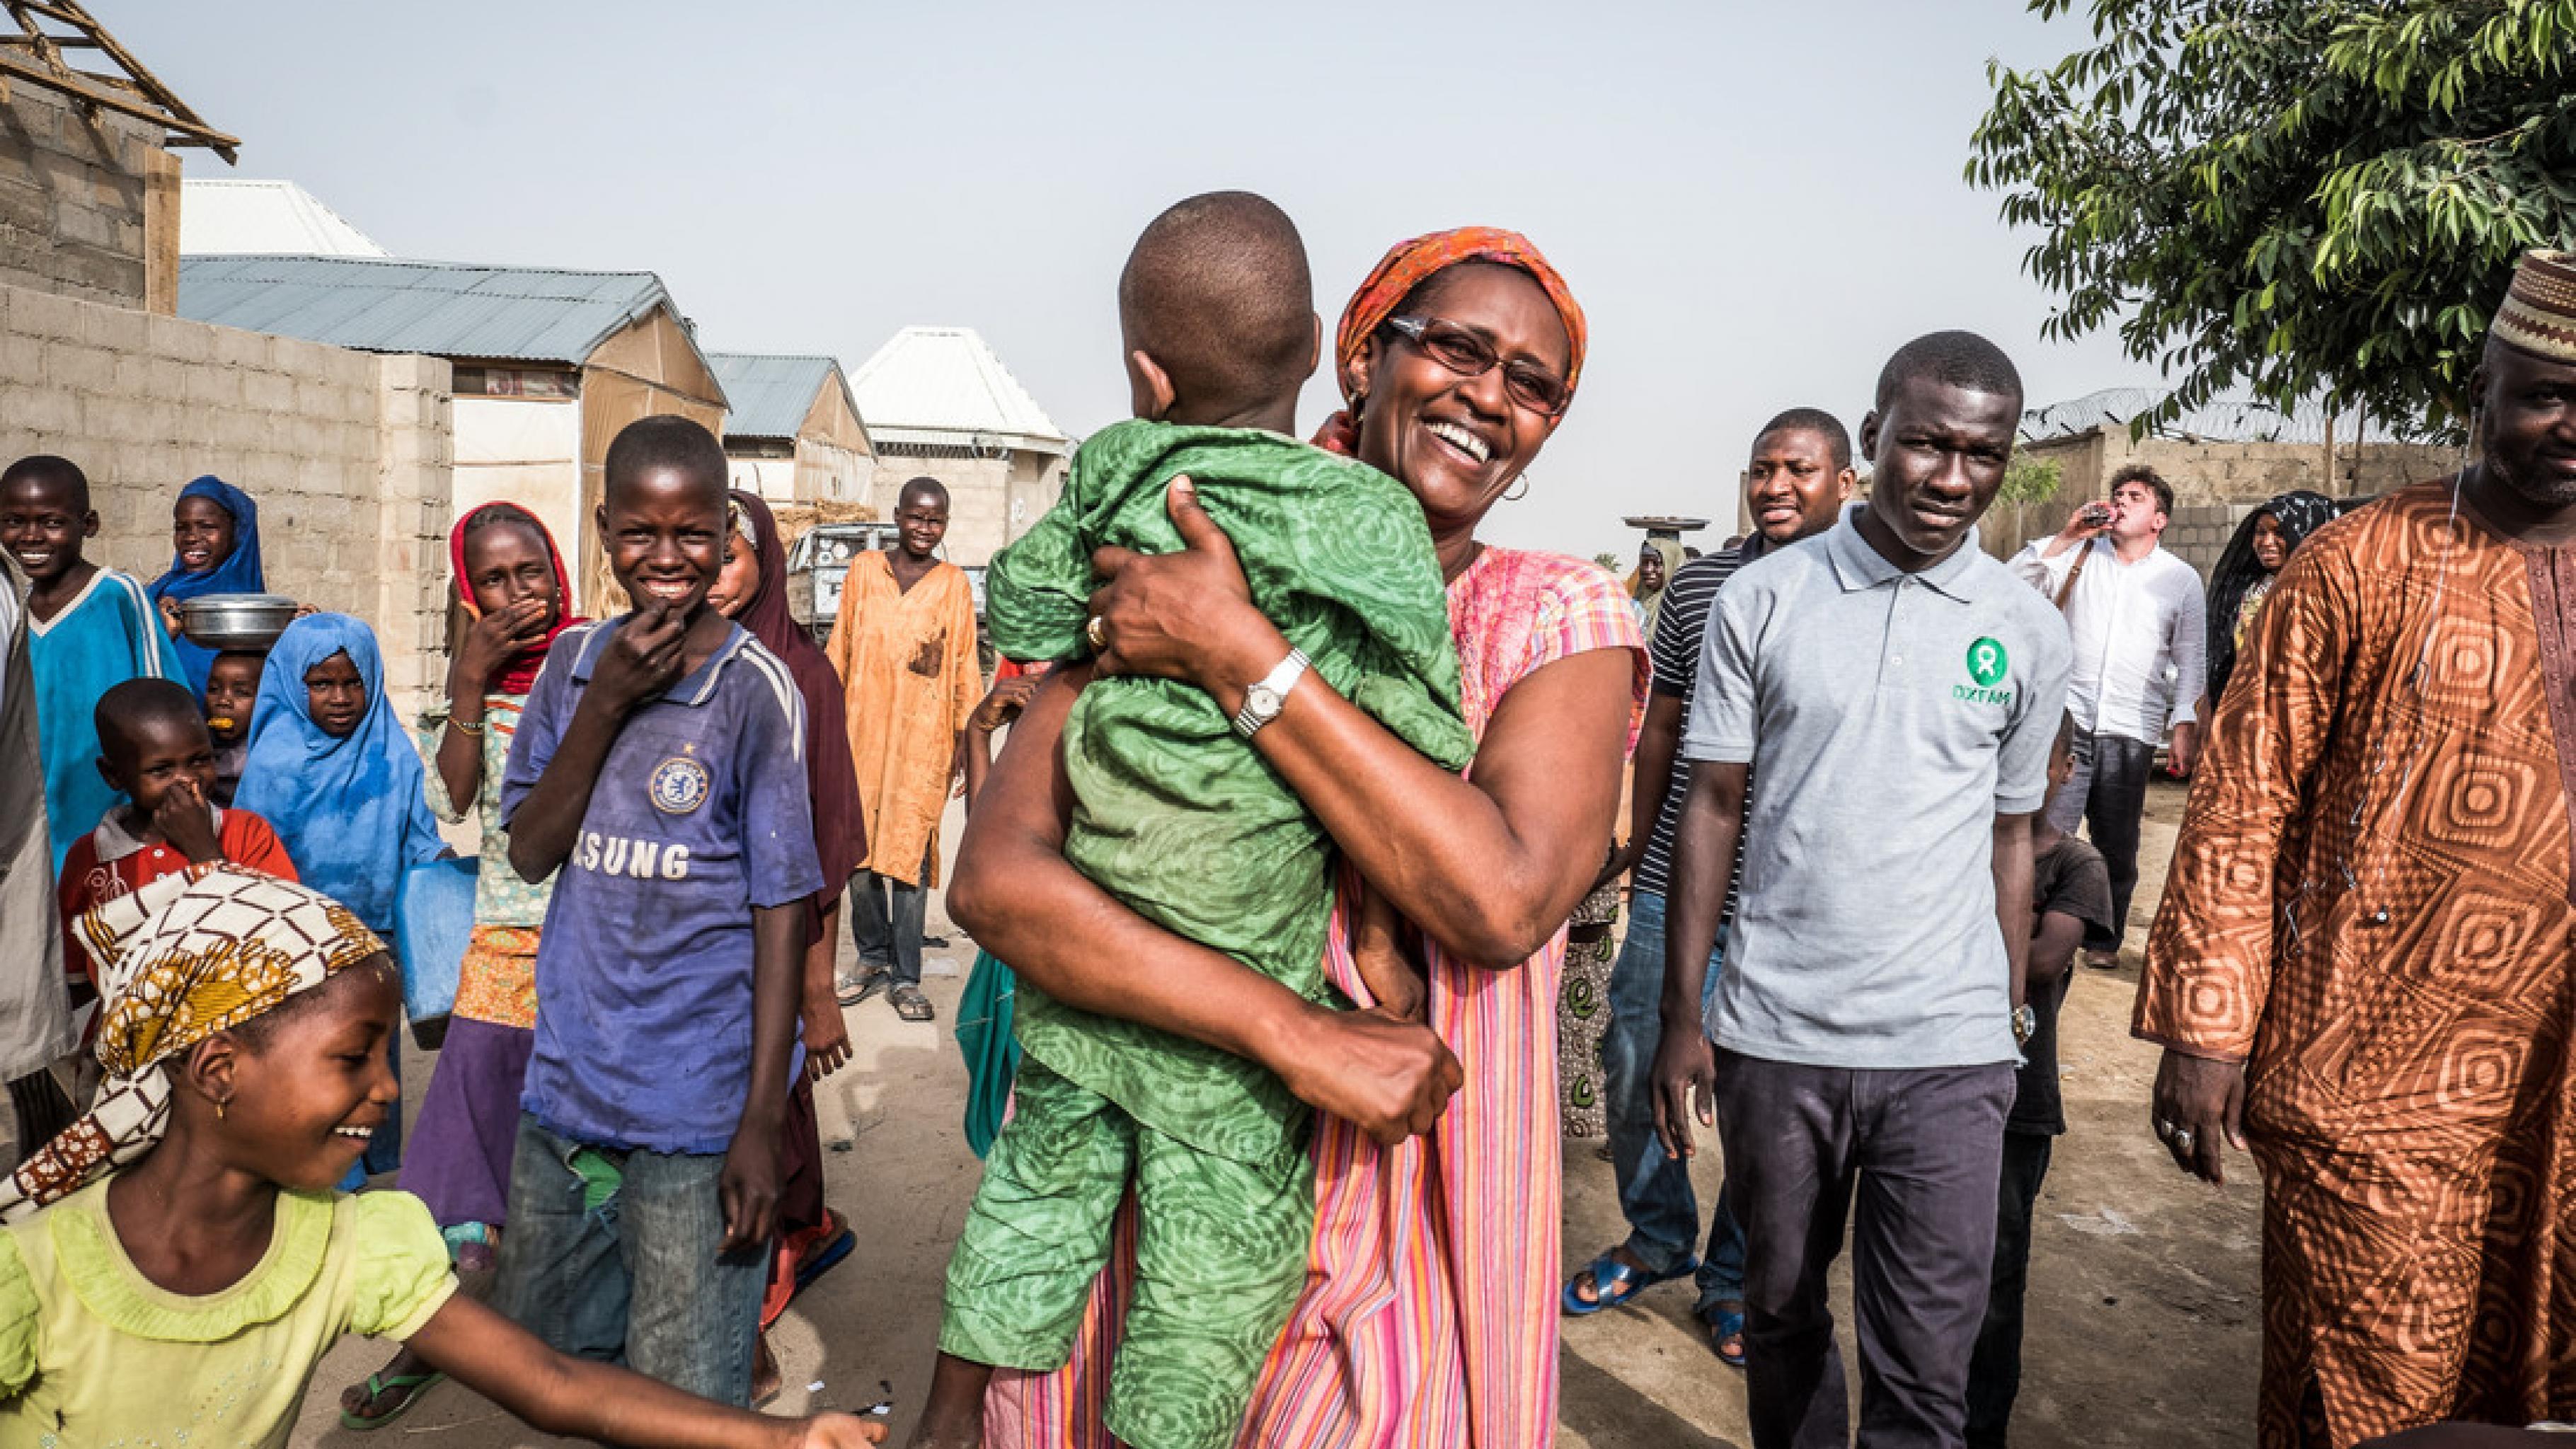 Winnie Byanyima in Kushari, Maiduguri im Nordosten Nigerias